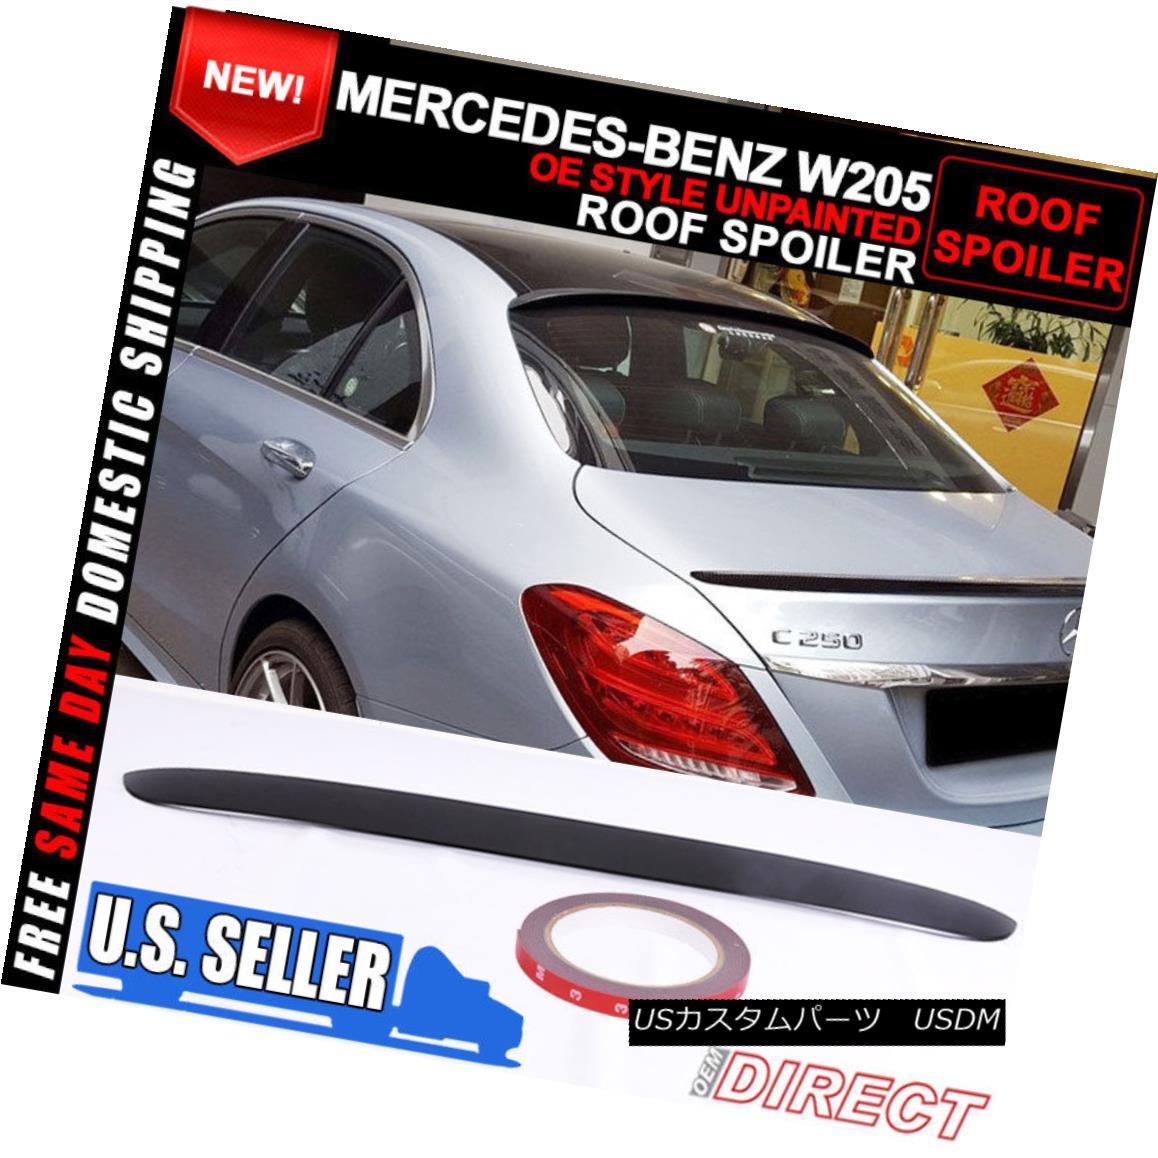 MERCEDES BENZ S550 S600 CLASS ROOF UNPAINTED SPOILER 2007-2013